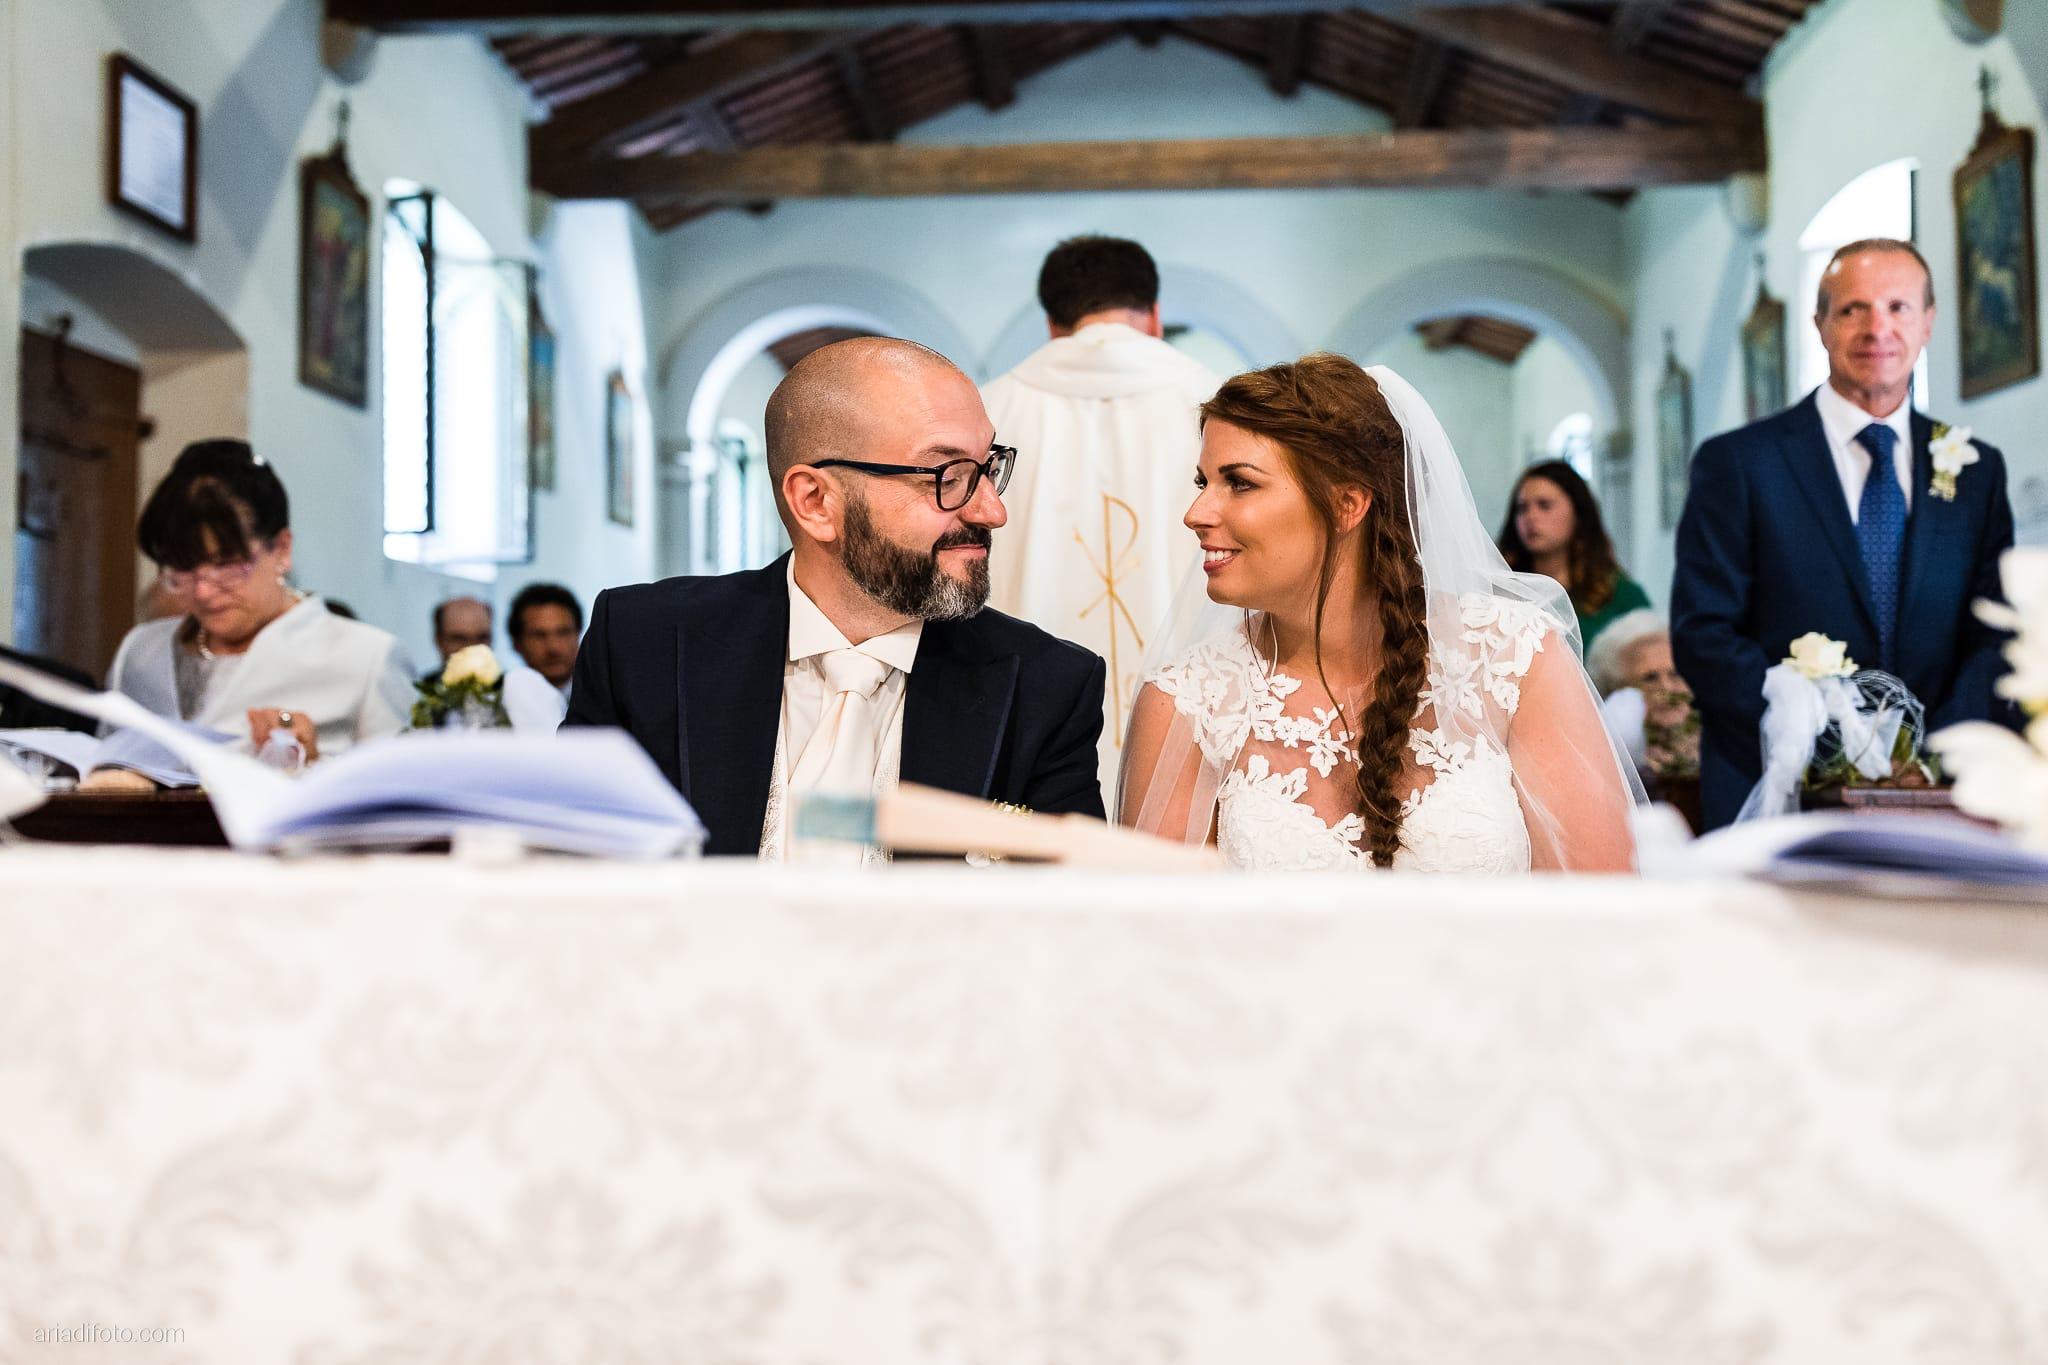 Lavinia Daniele Matrimonio Medea Gorizia Villa Elodia Trivignano Udinese Udine cerimonia